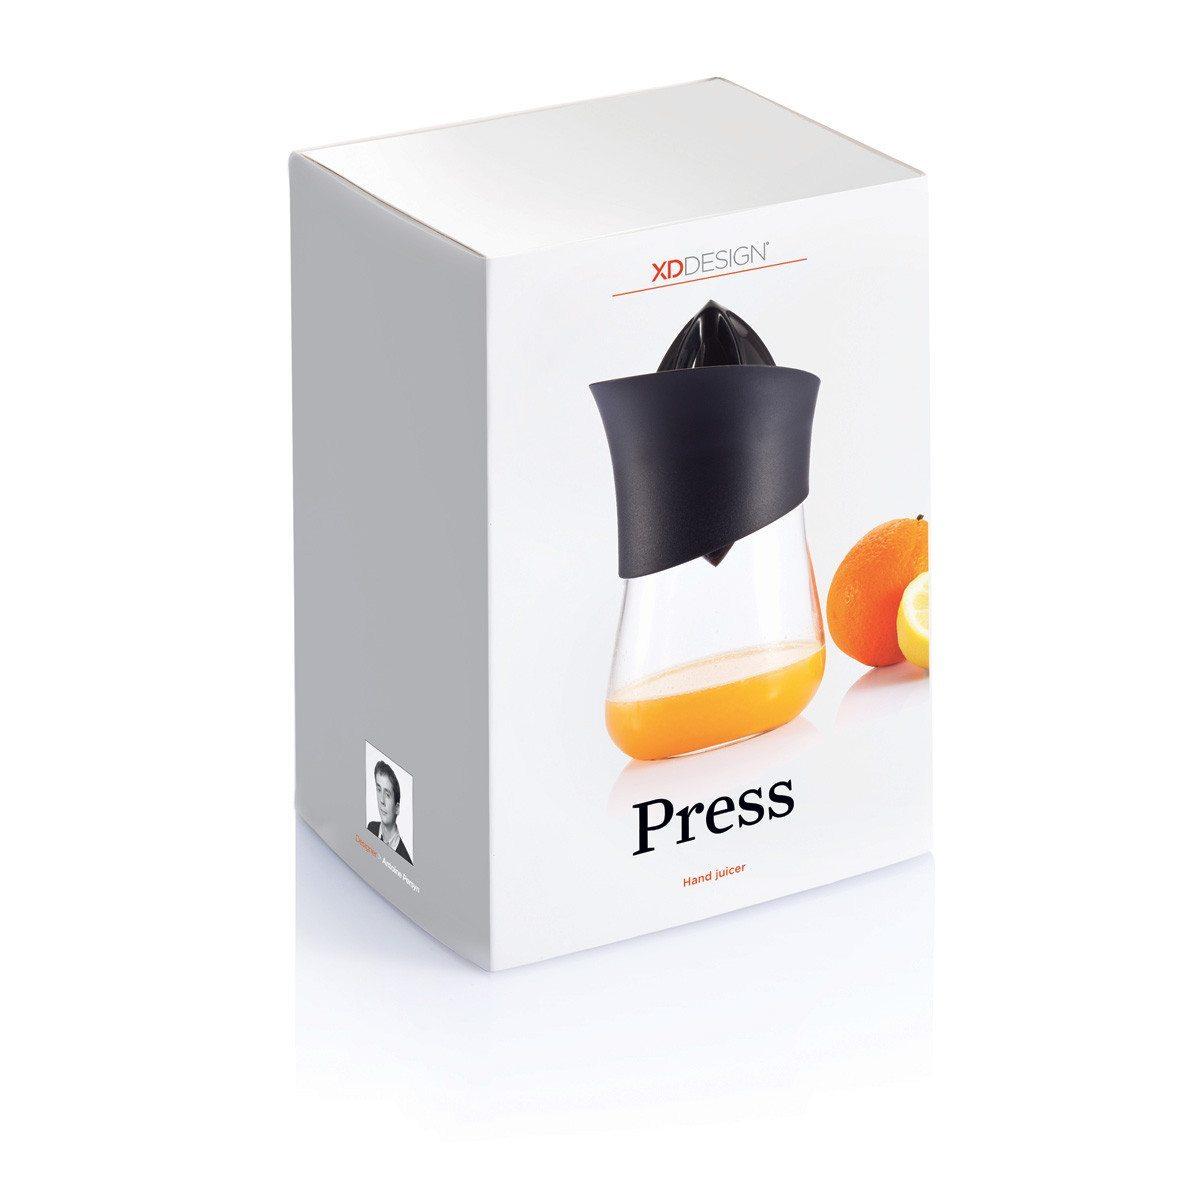 Press - saftpresser